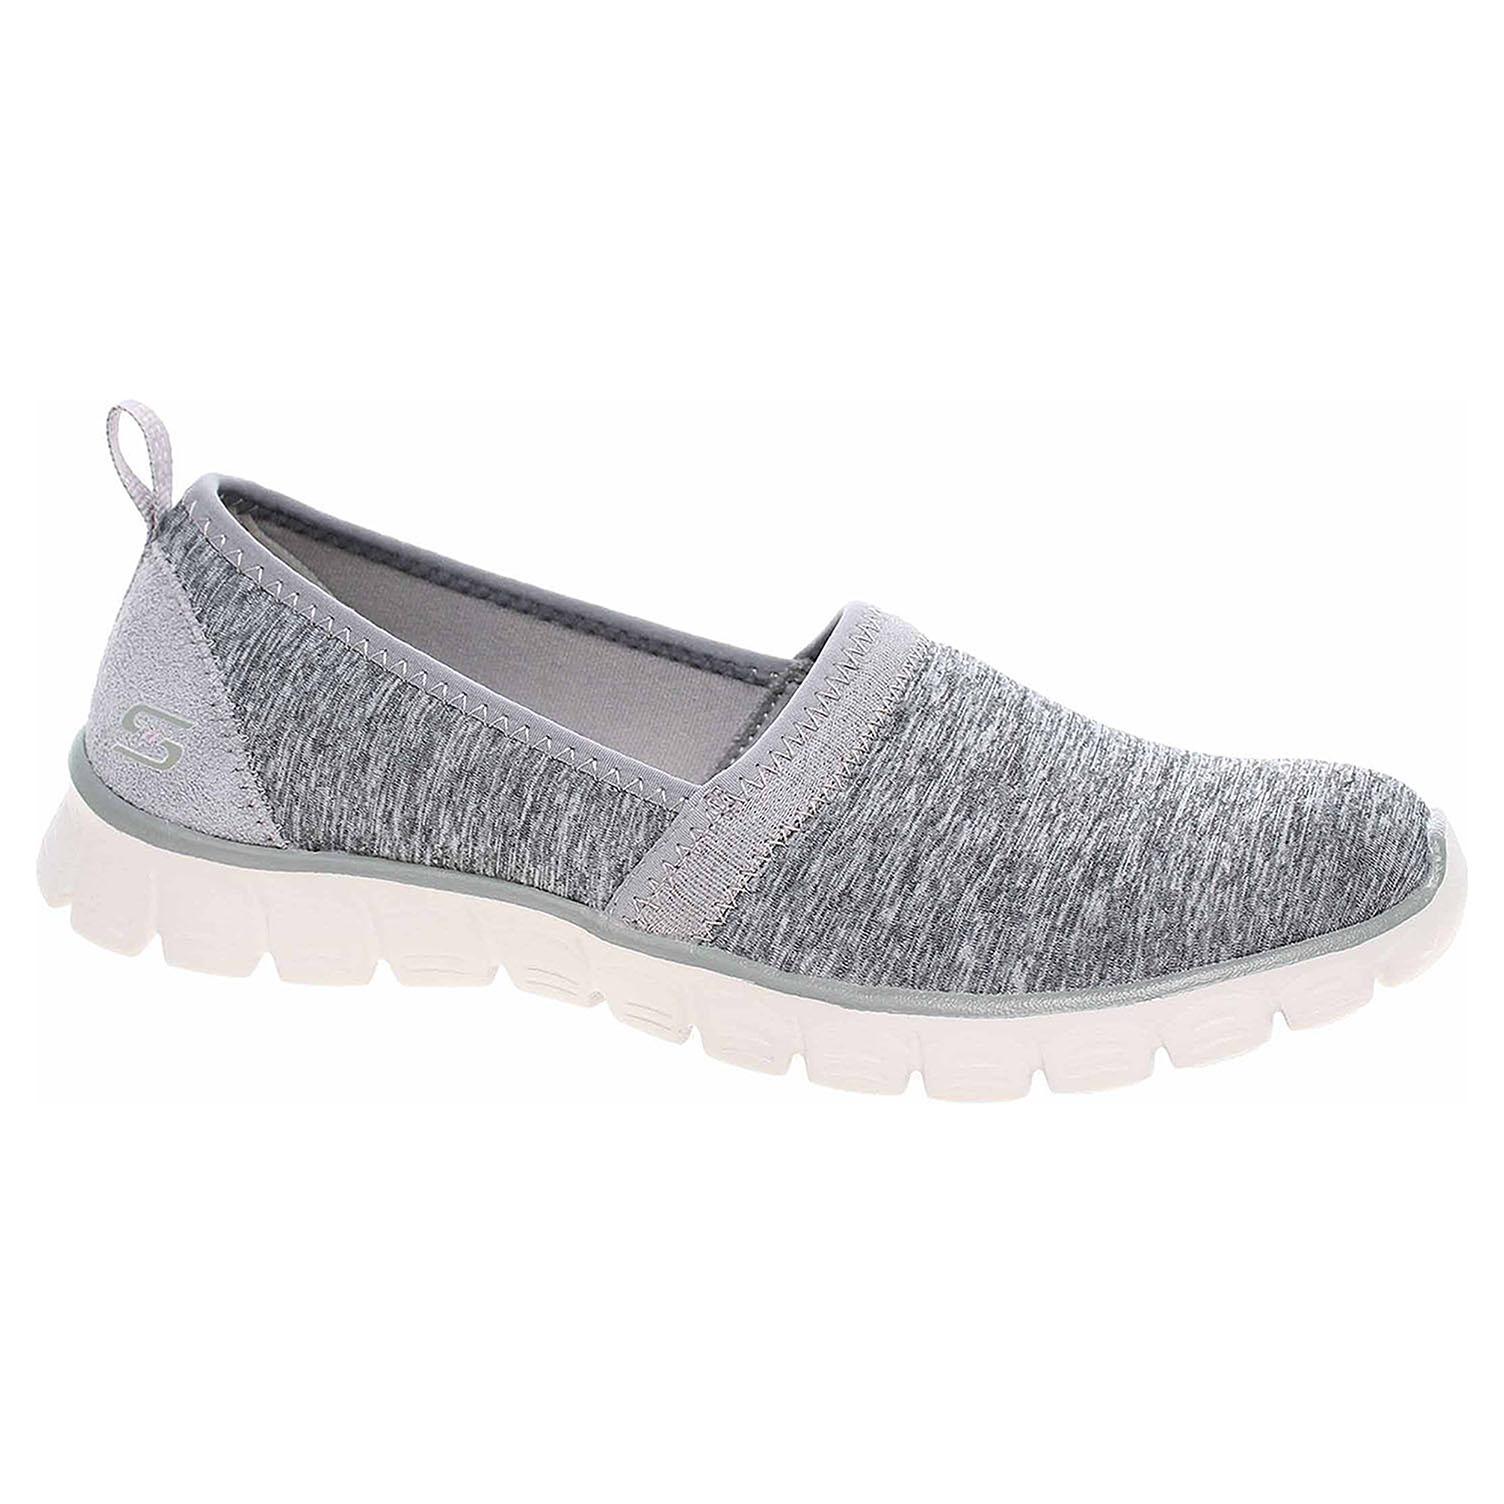 2220eccff Skechers Ez Flex 3.0 - Swift Motion gray | Rejnok obuv